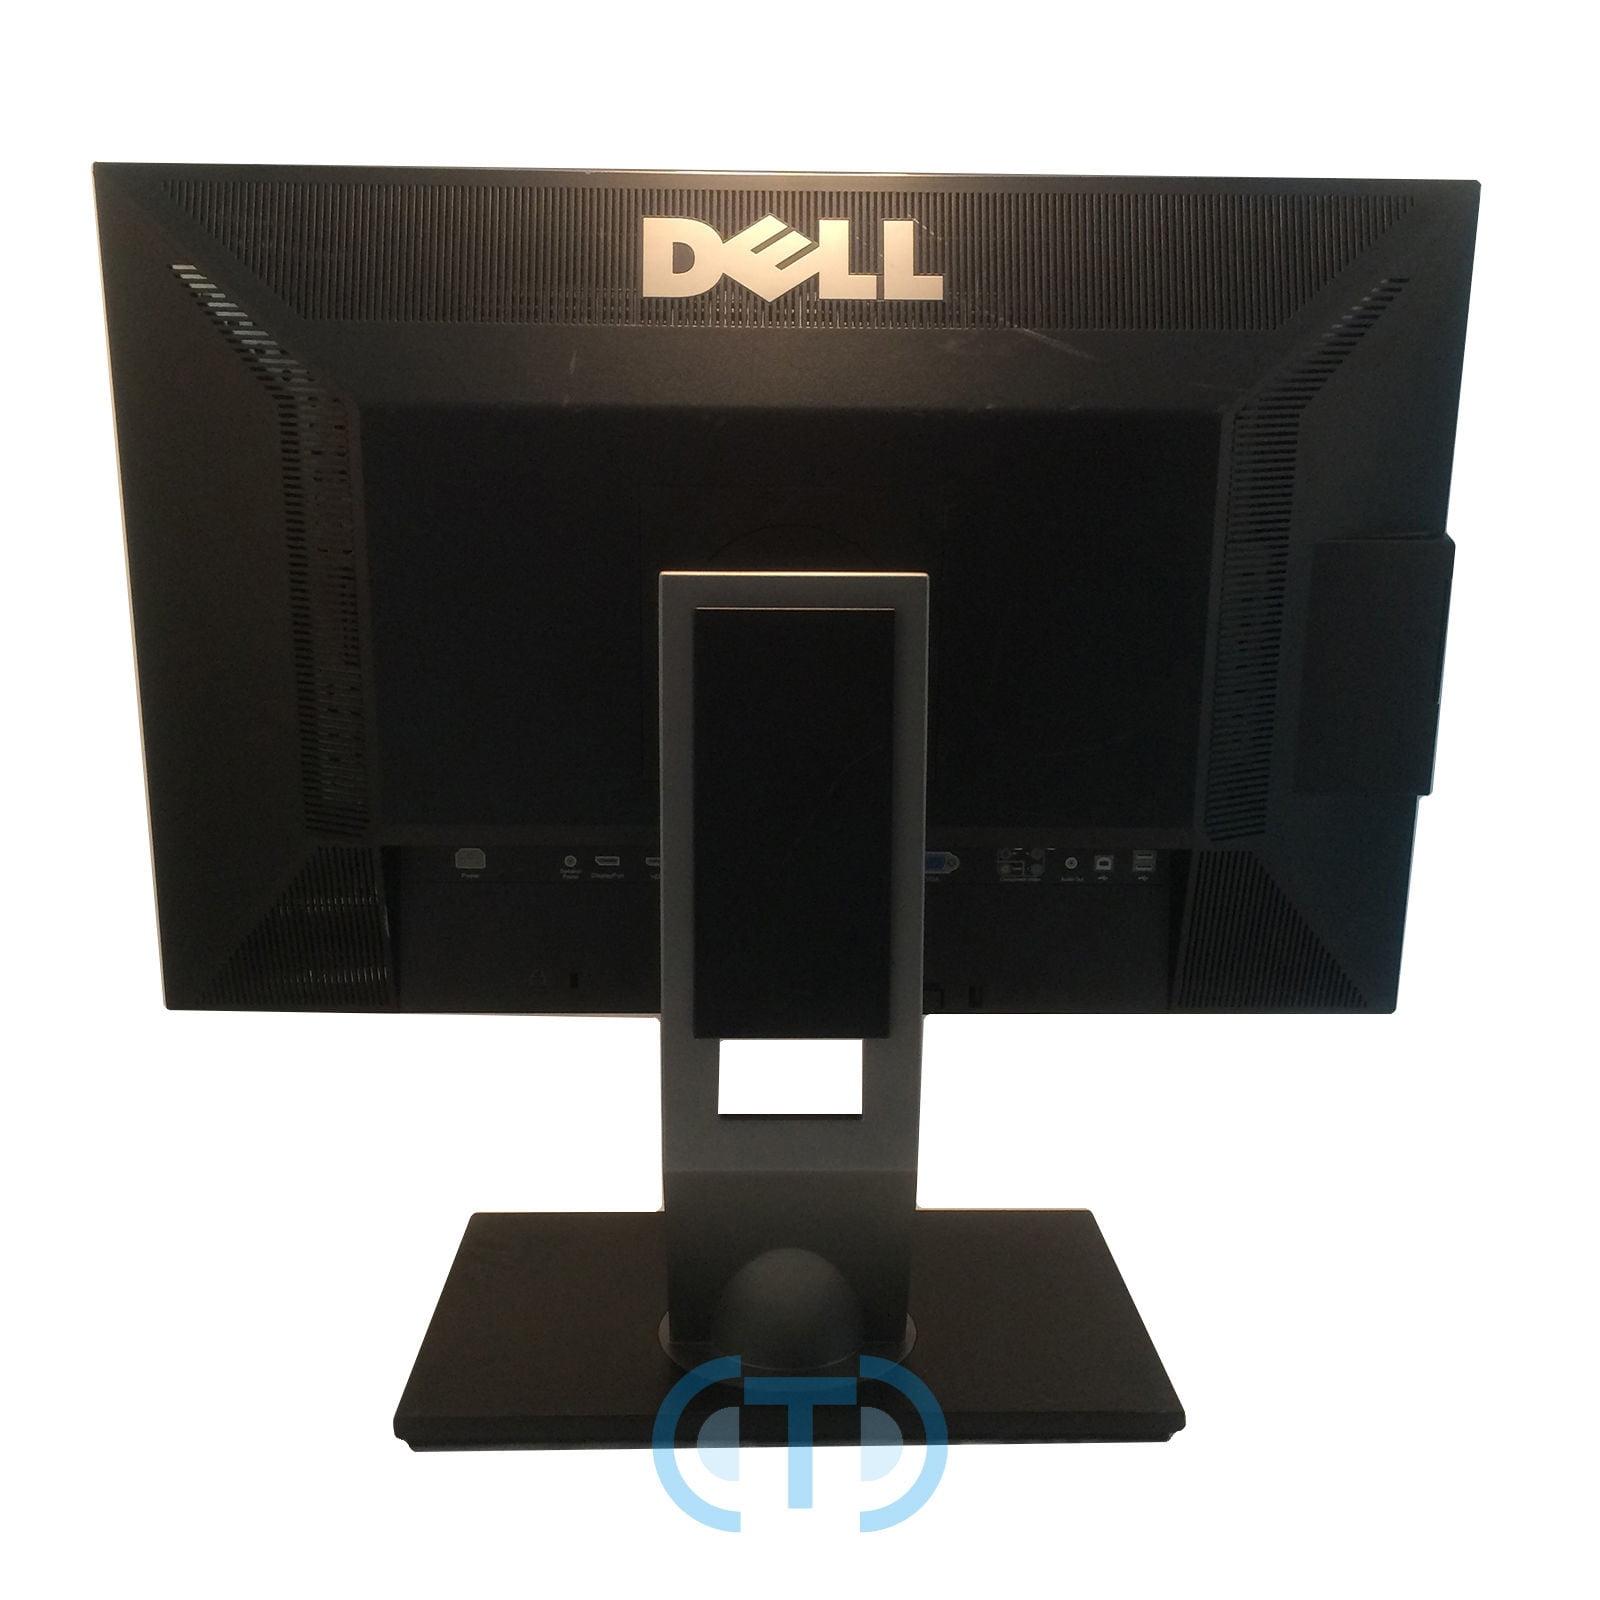 DELL MONITOR U2410 DRIVERS WINDOWS 7 (2019)